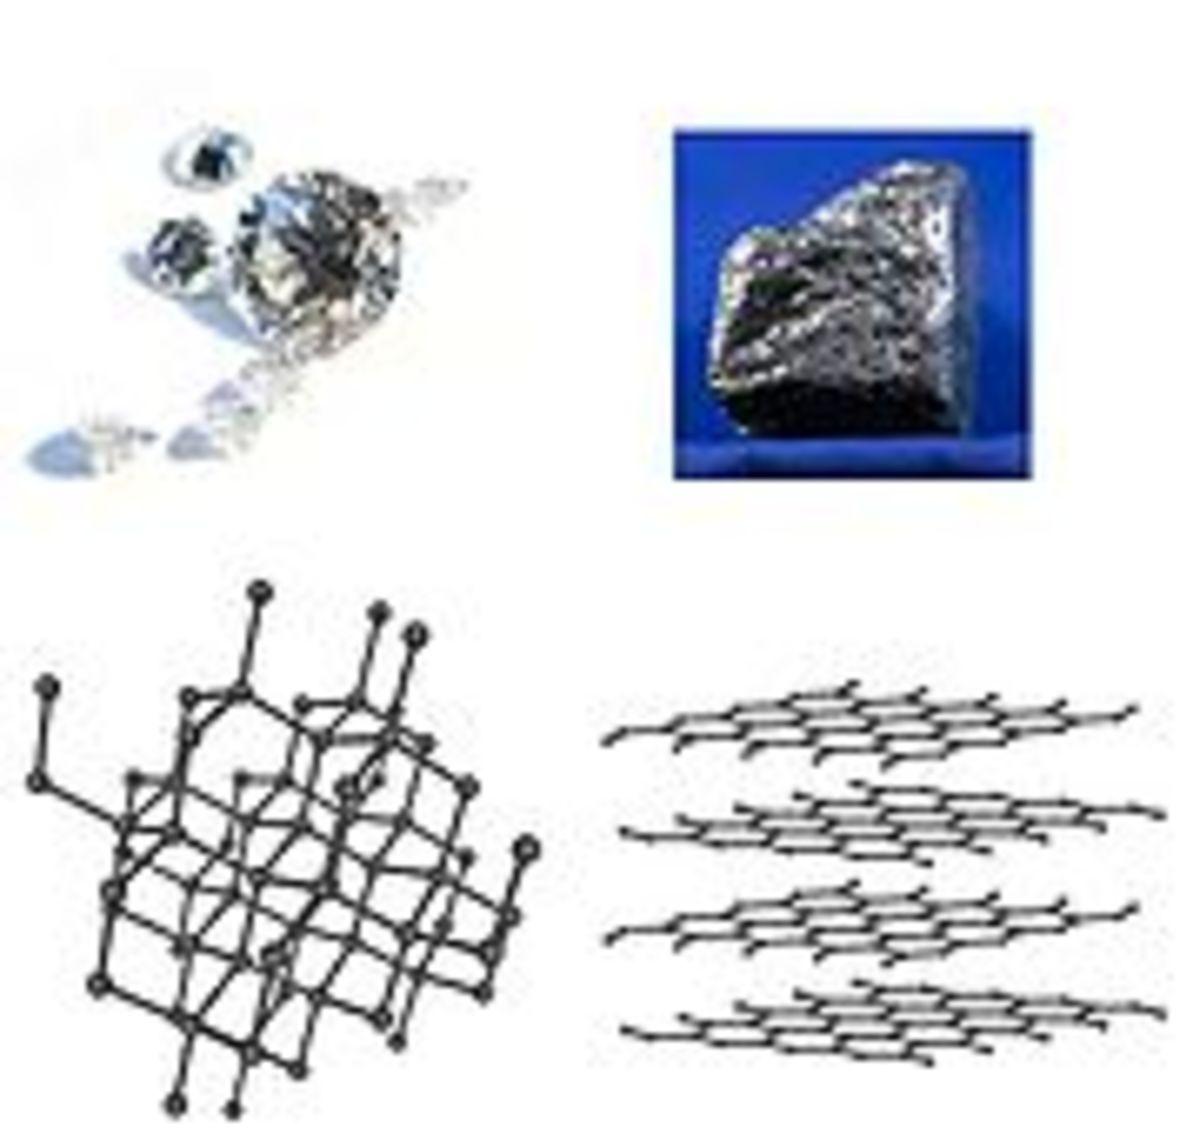 Diamonds (left) and Graphite (right)